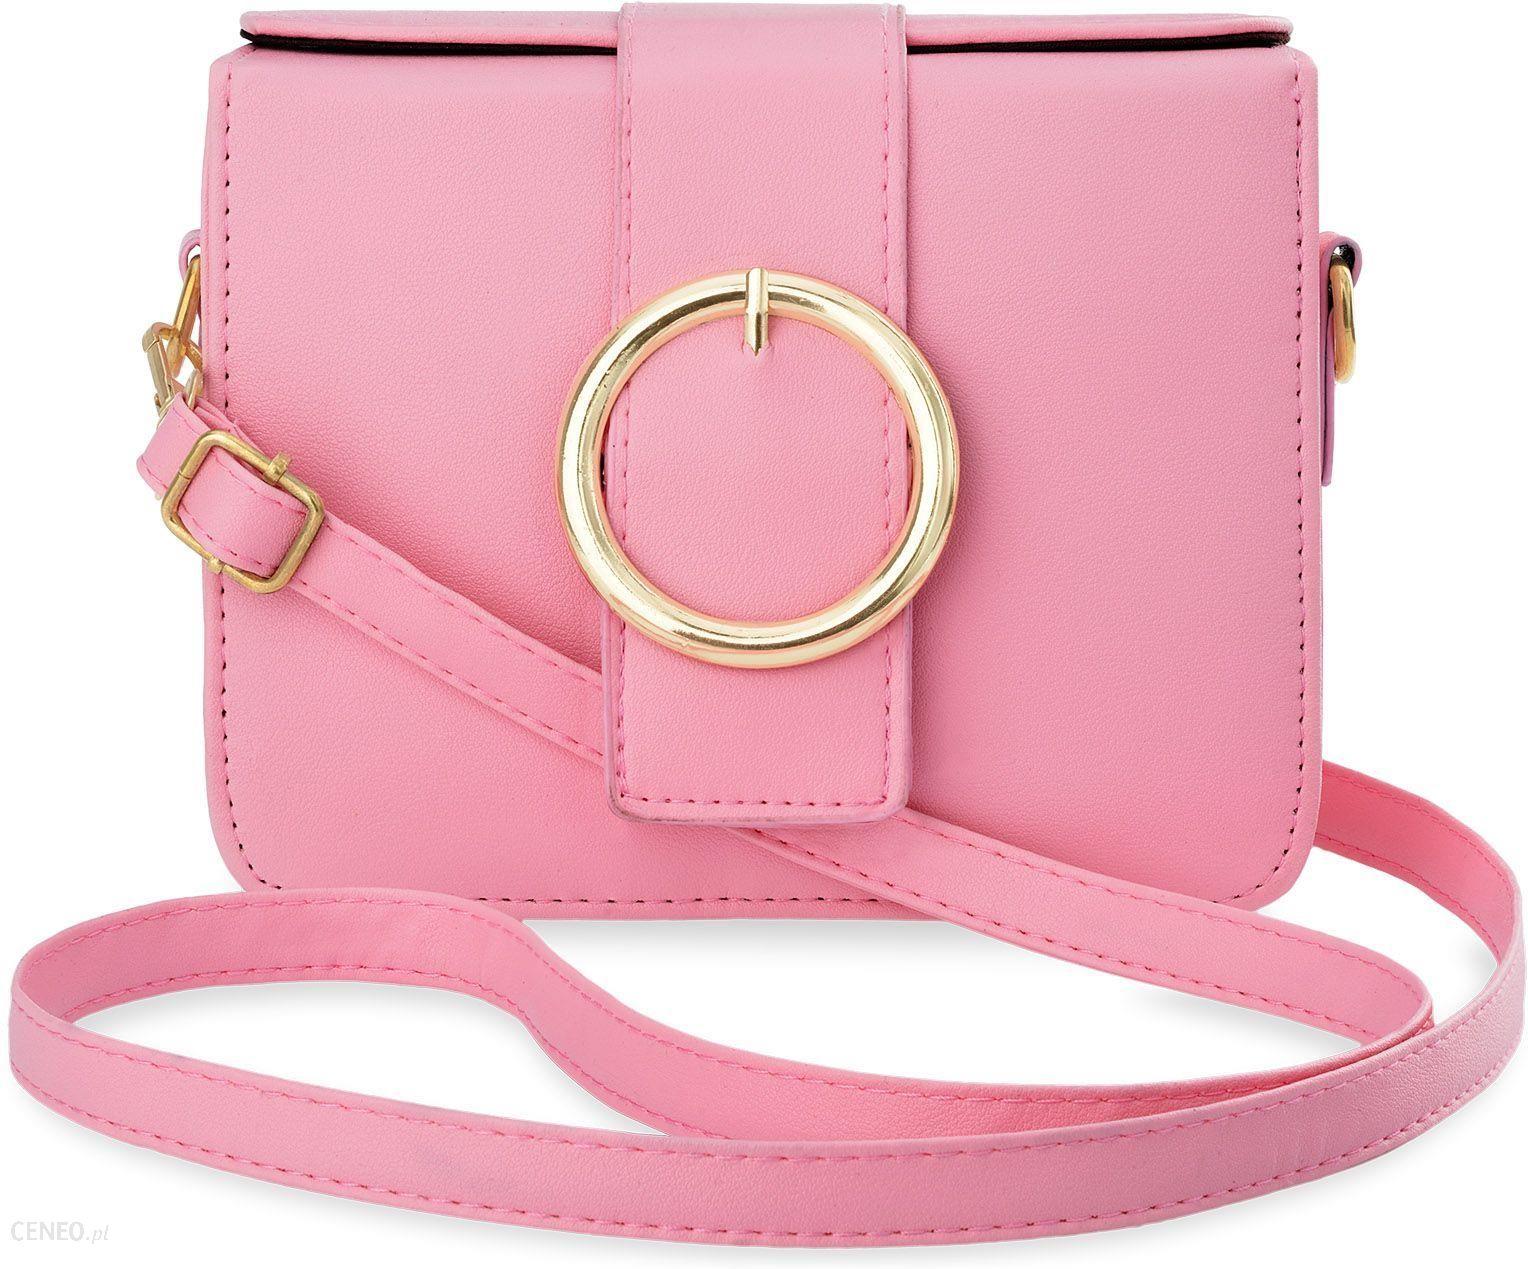 9b877f6f7e394 Elegancka torebka damska listonoszka przewieszka kuferek z ozdobną klamrą -  różowy - zdjęcie 1